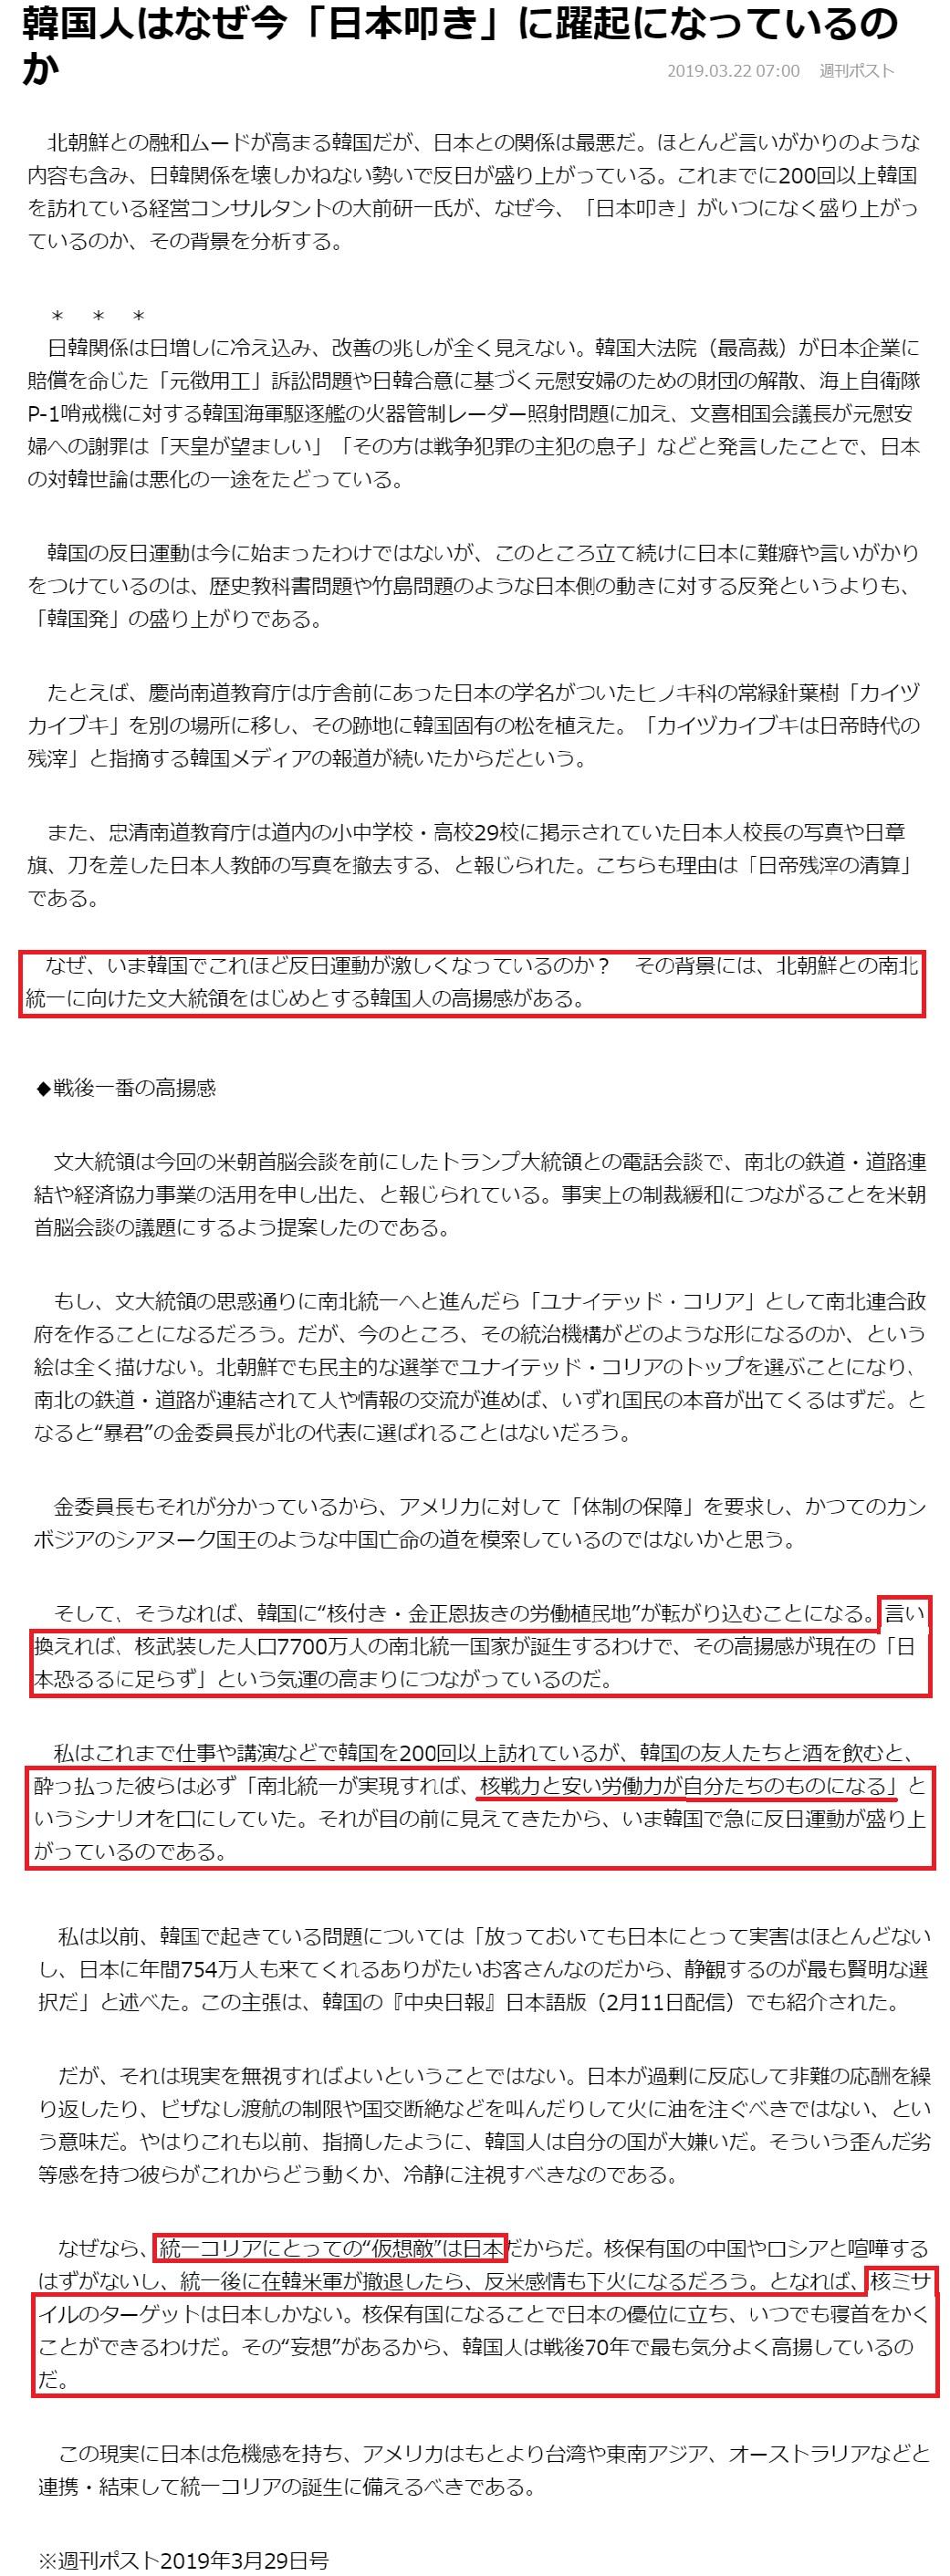 大前研一「統一朝鮮の仮想敵国は日本であり、念願の核保有国として日本を恫喝侵略する」